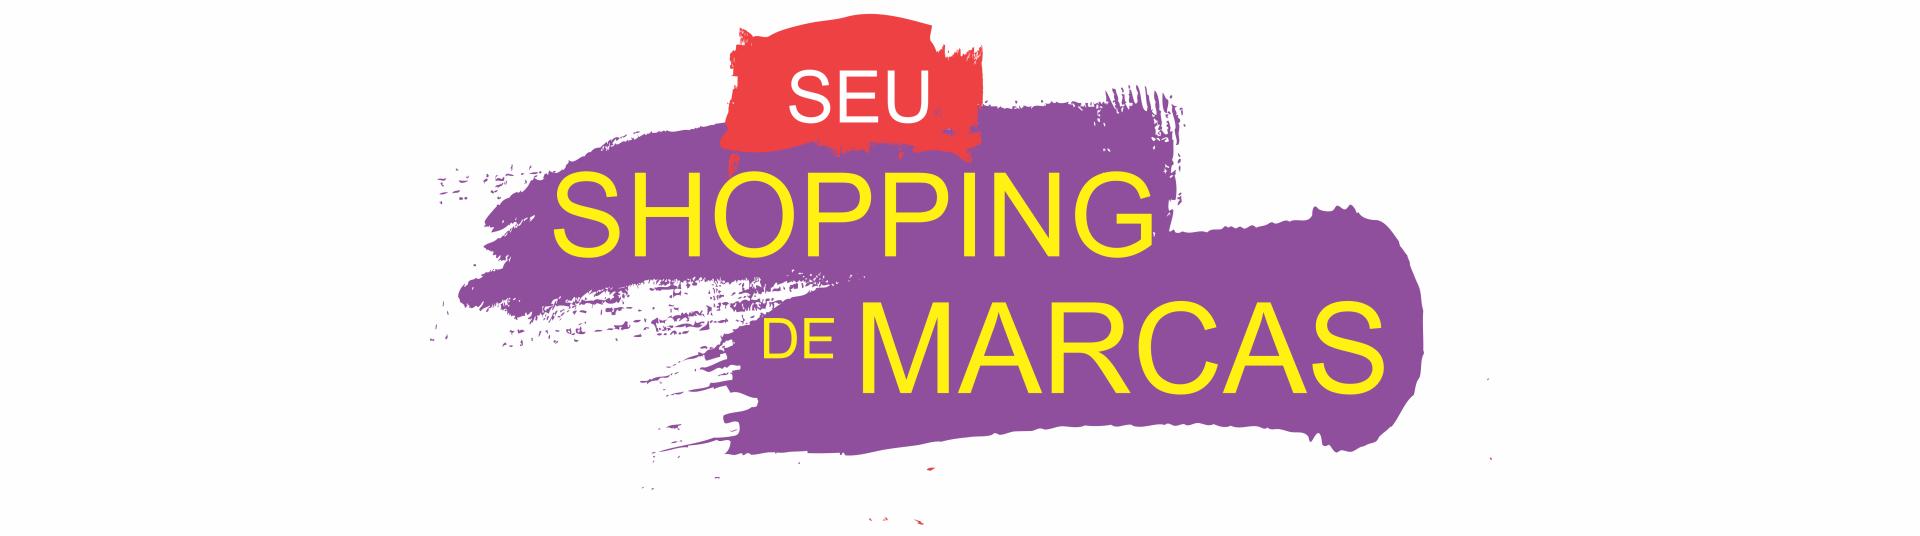 SEU SHOPPING DE MARCAS